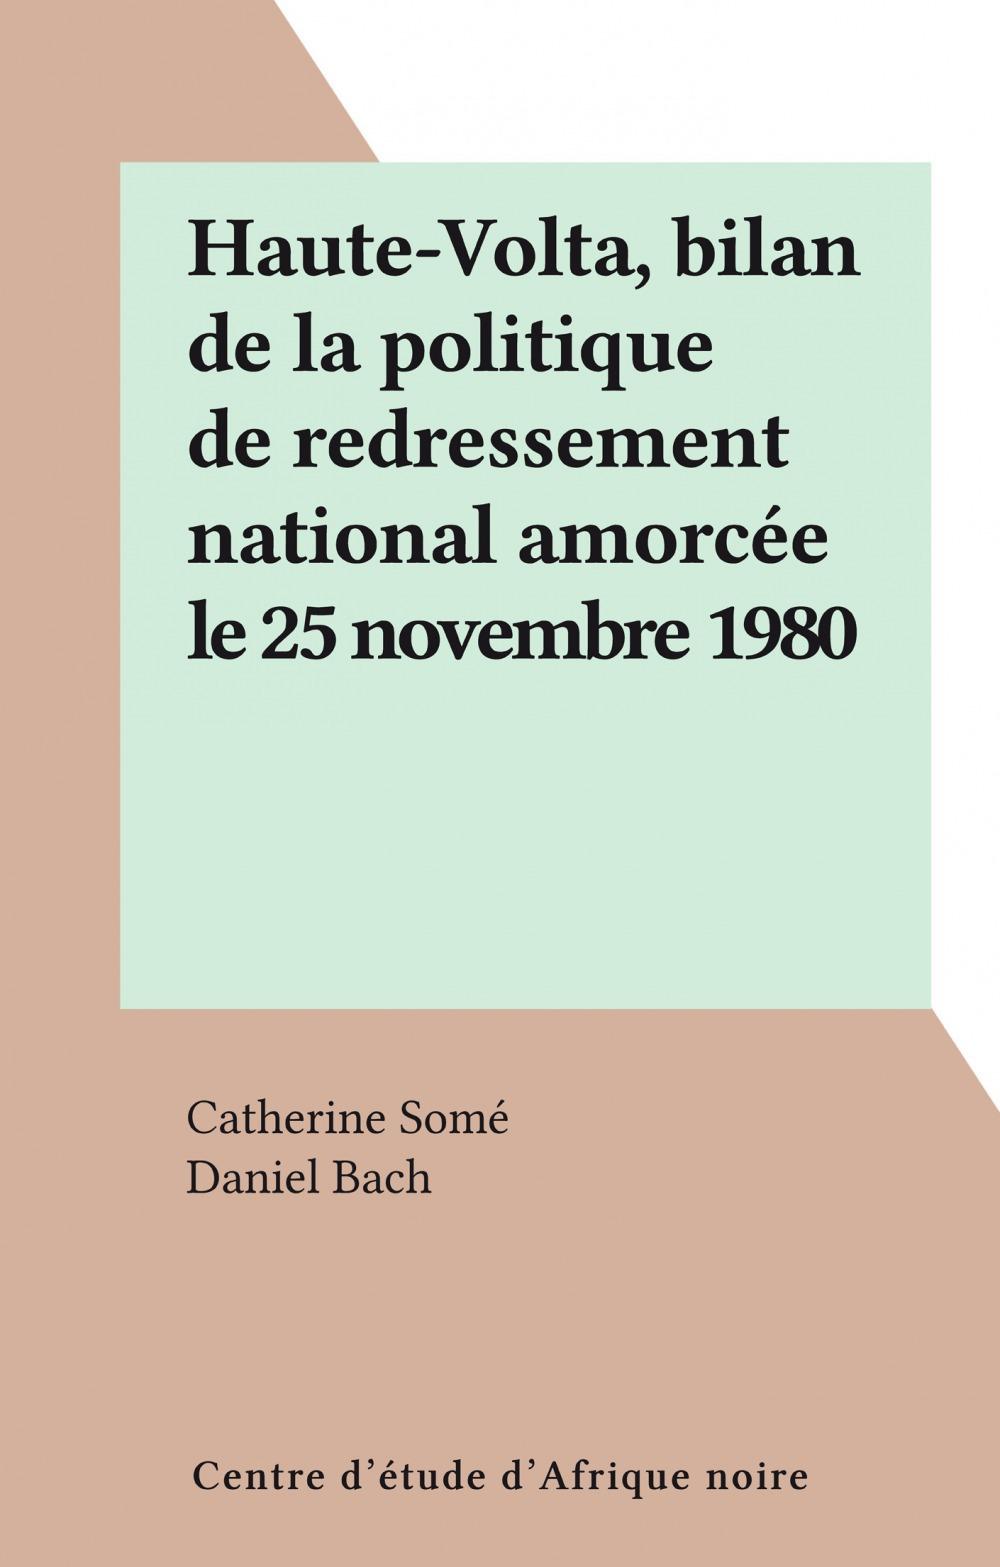 Haute-Volta, bilan de la politique de redressement national amorcée le 25 novembre 1980